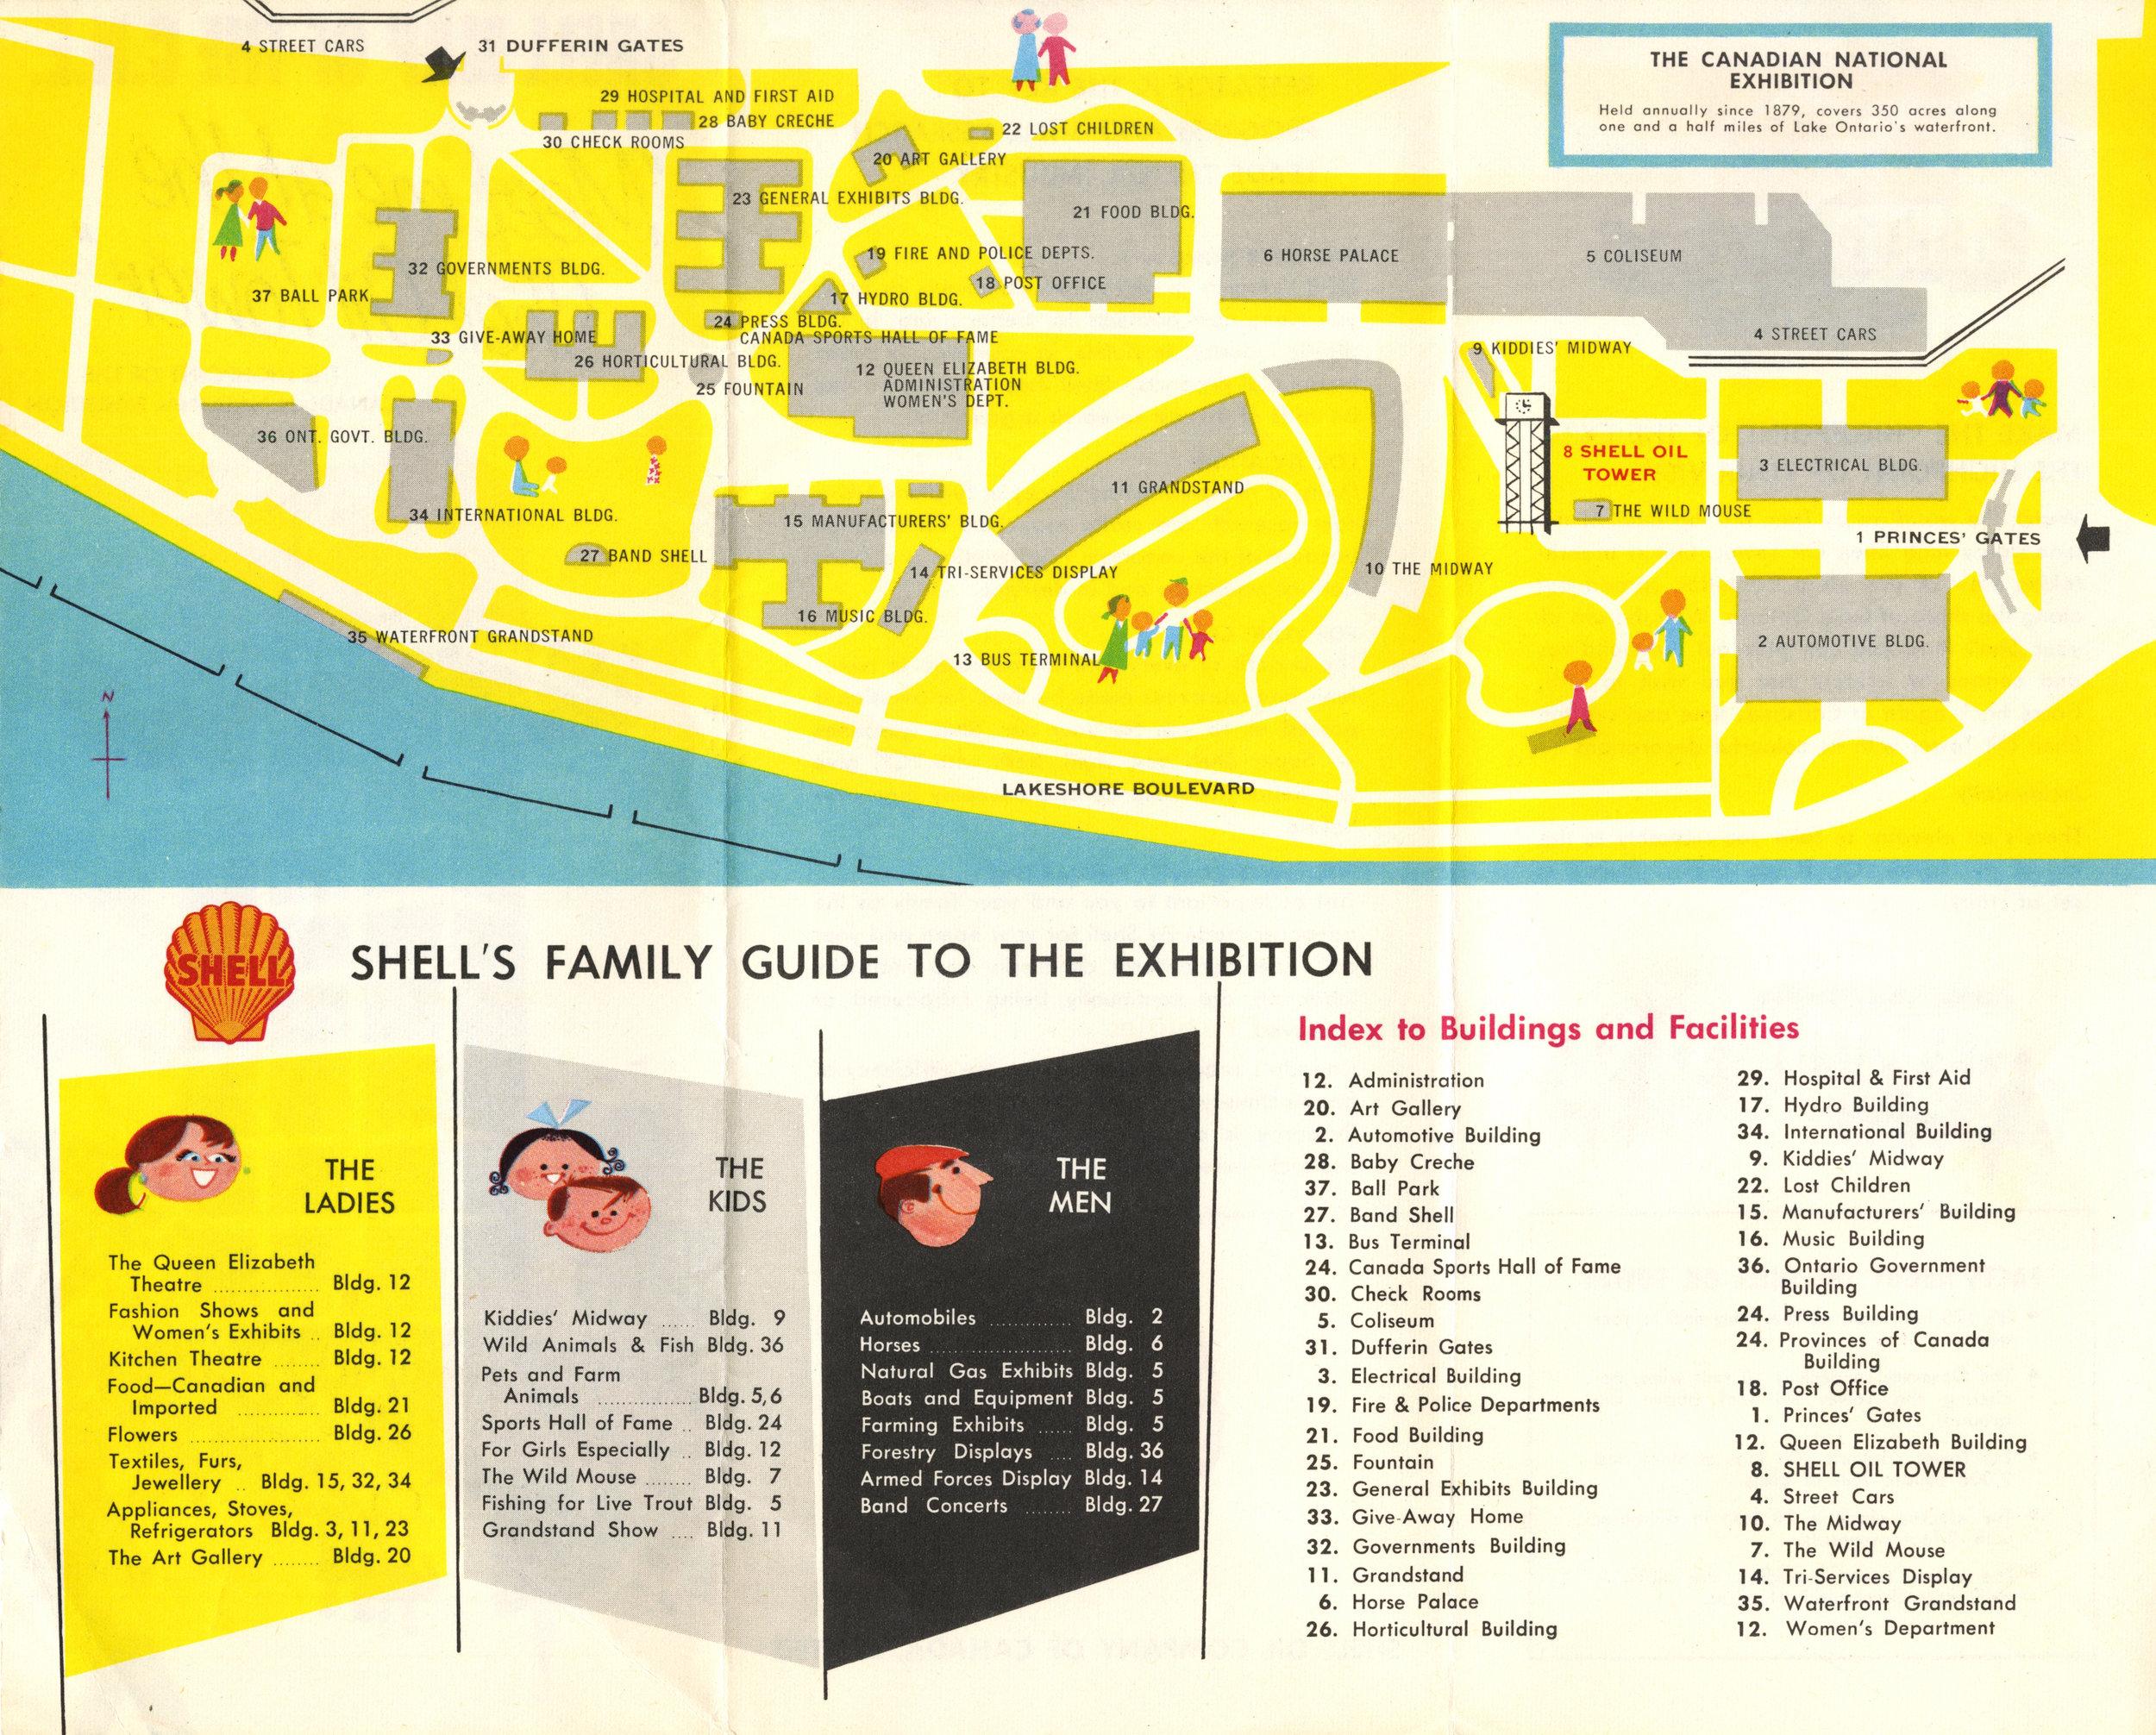 shell-oil-tower-brochure-2.jpg